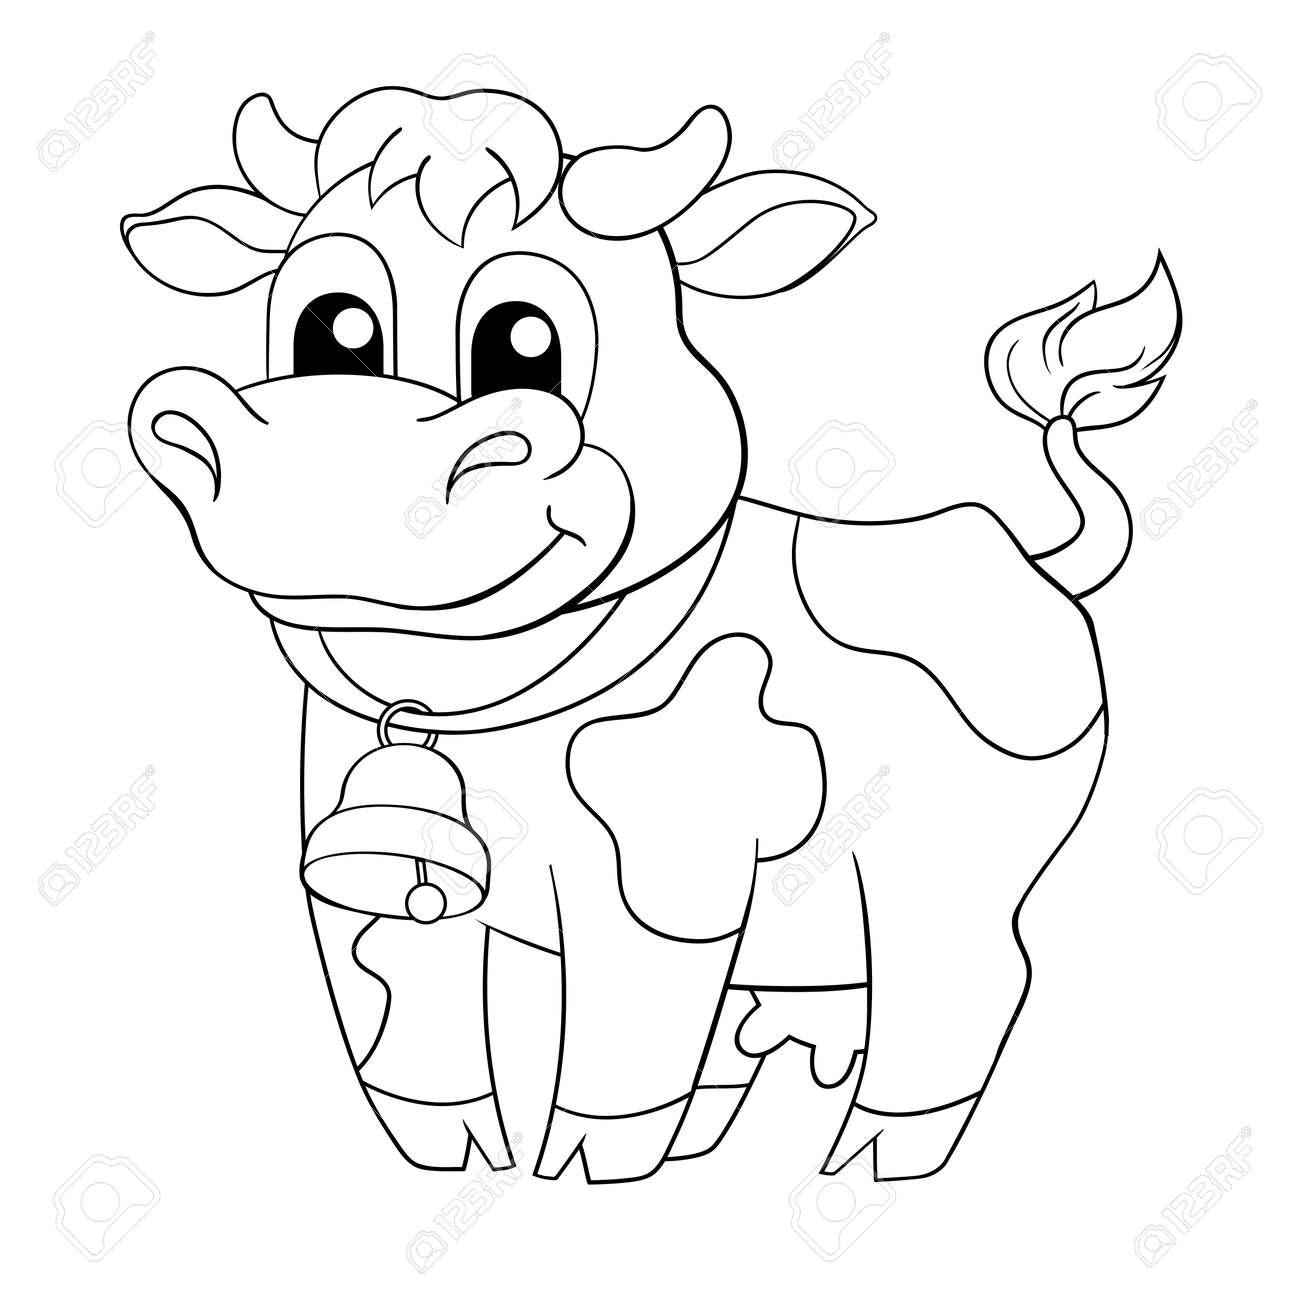 Coloriage Bebe Vache.Vache Drole De Bande Dessinee Illustration En Noir Et Blanc Pour Le Livre De Coloriage